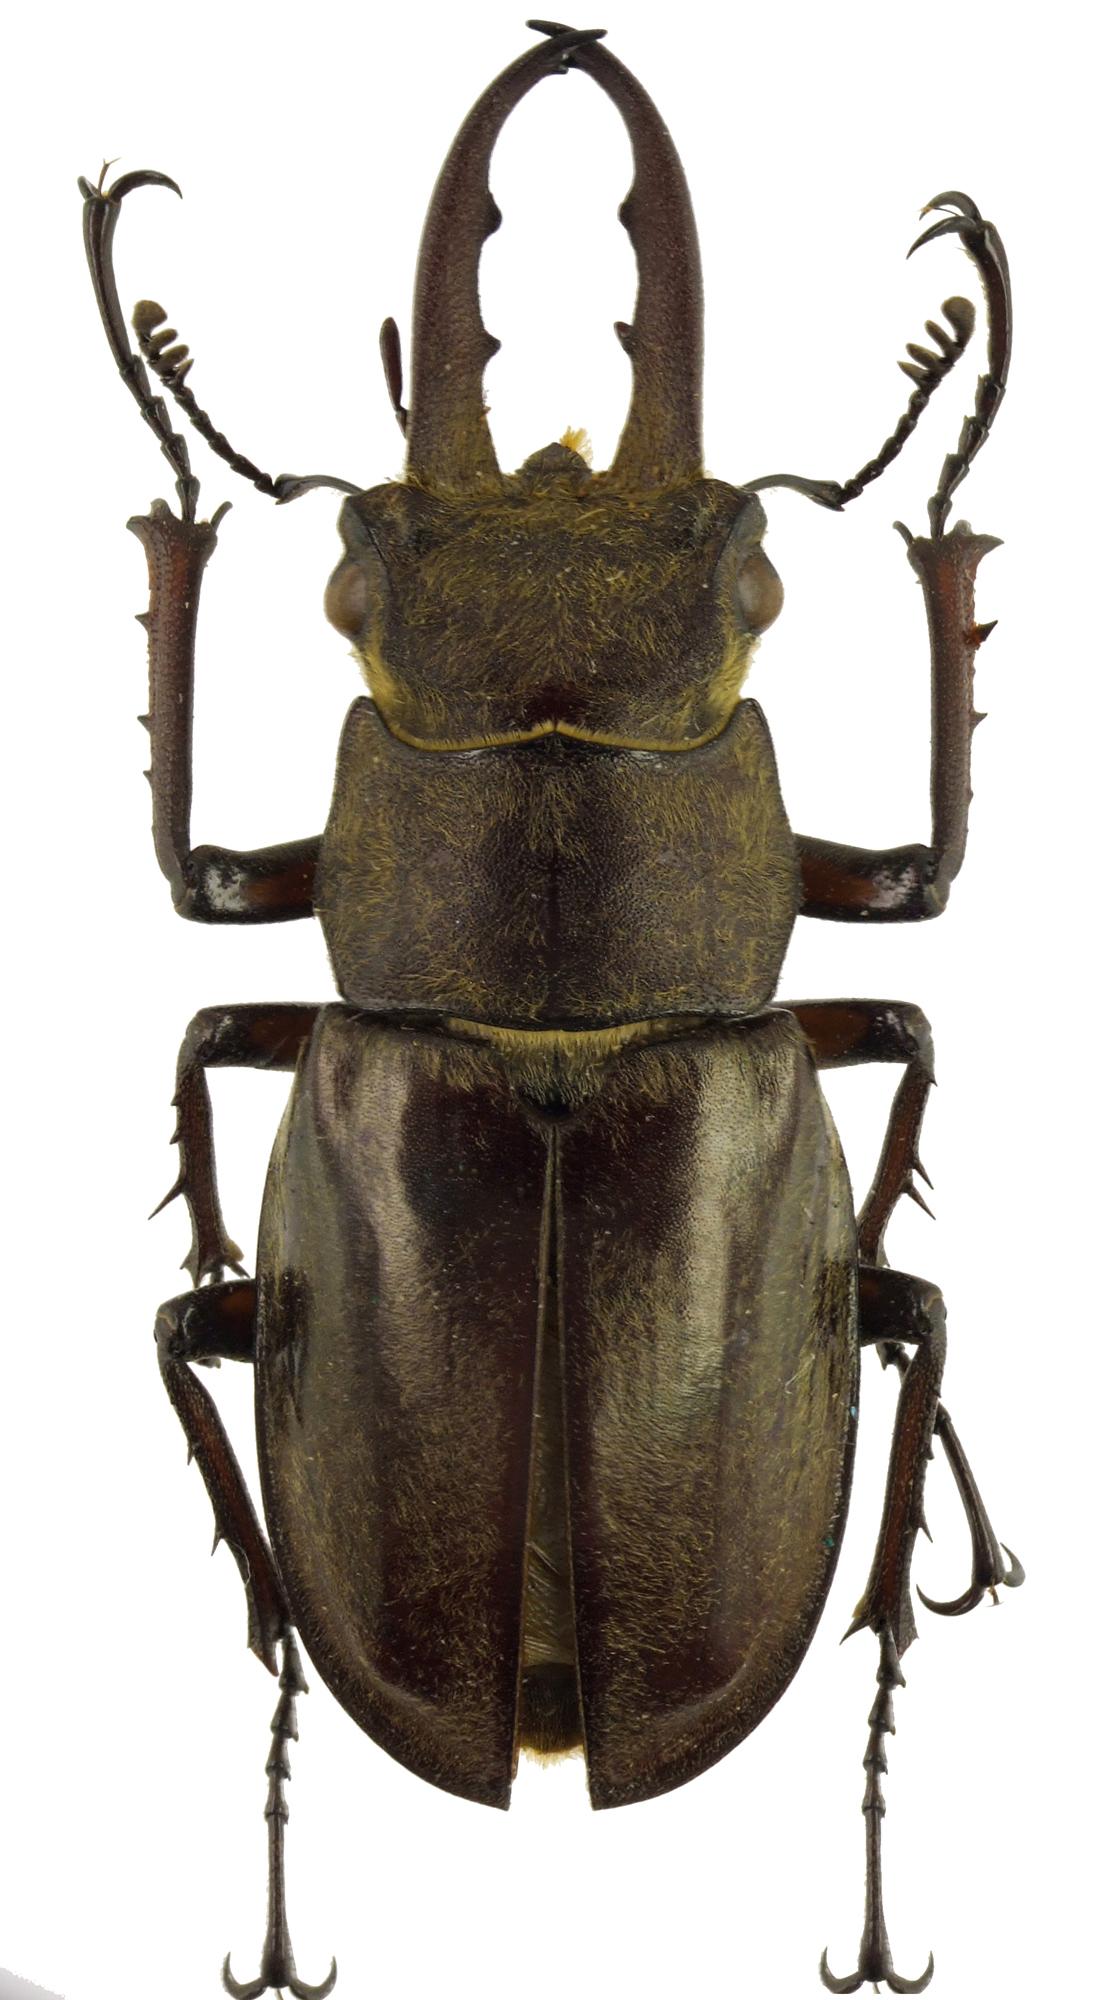 Lucanus maculifemoratus maculifemoratus 41666cz69.jpg